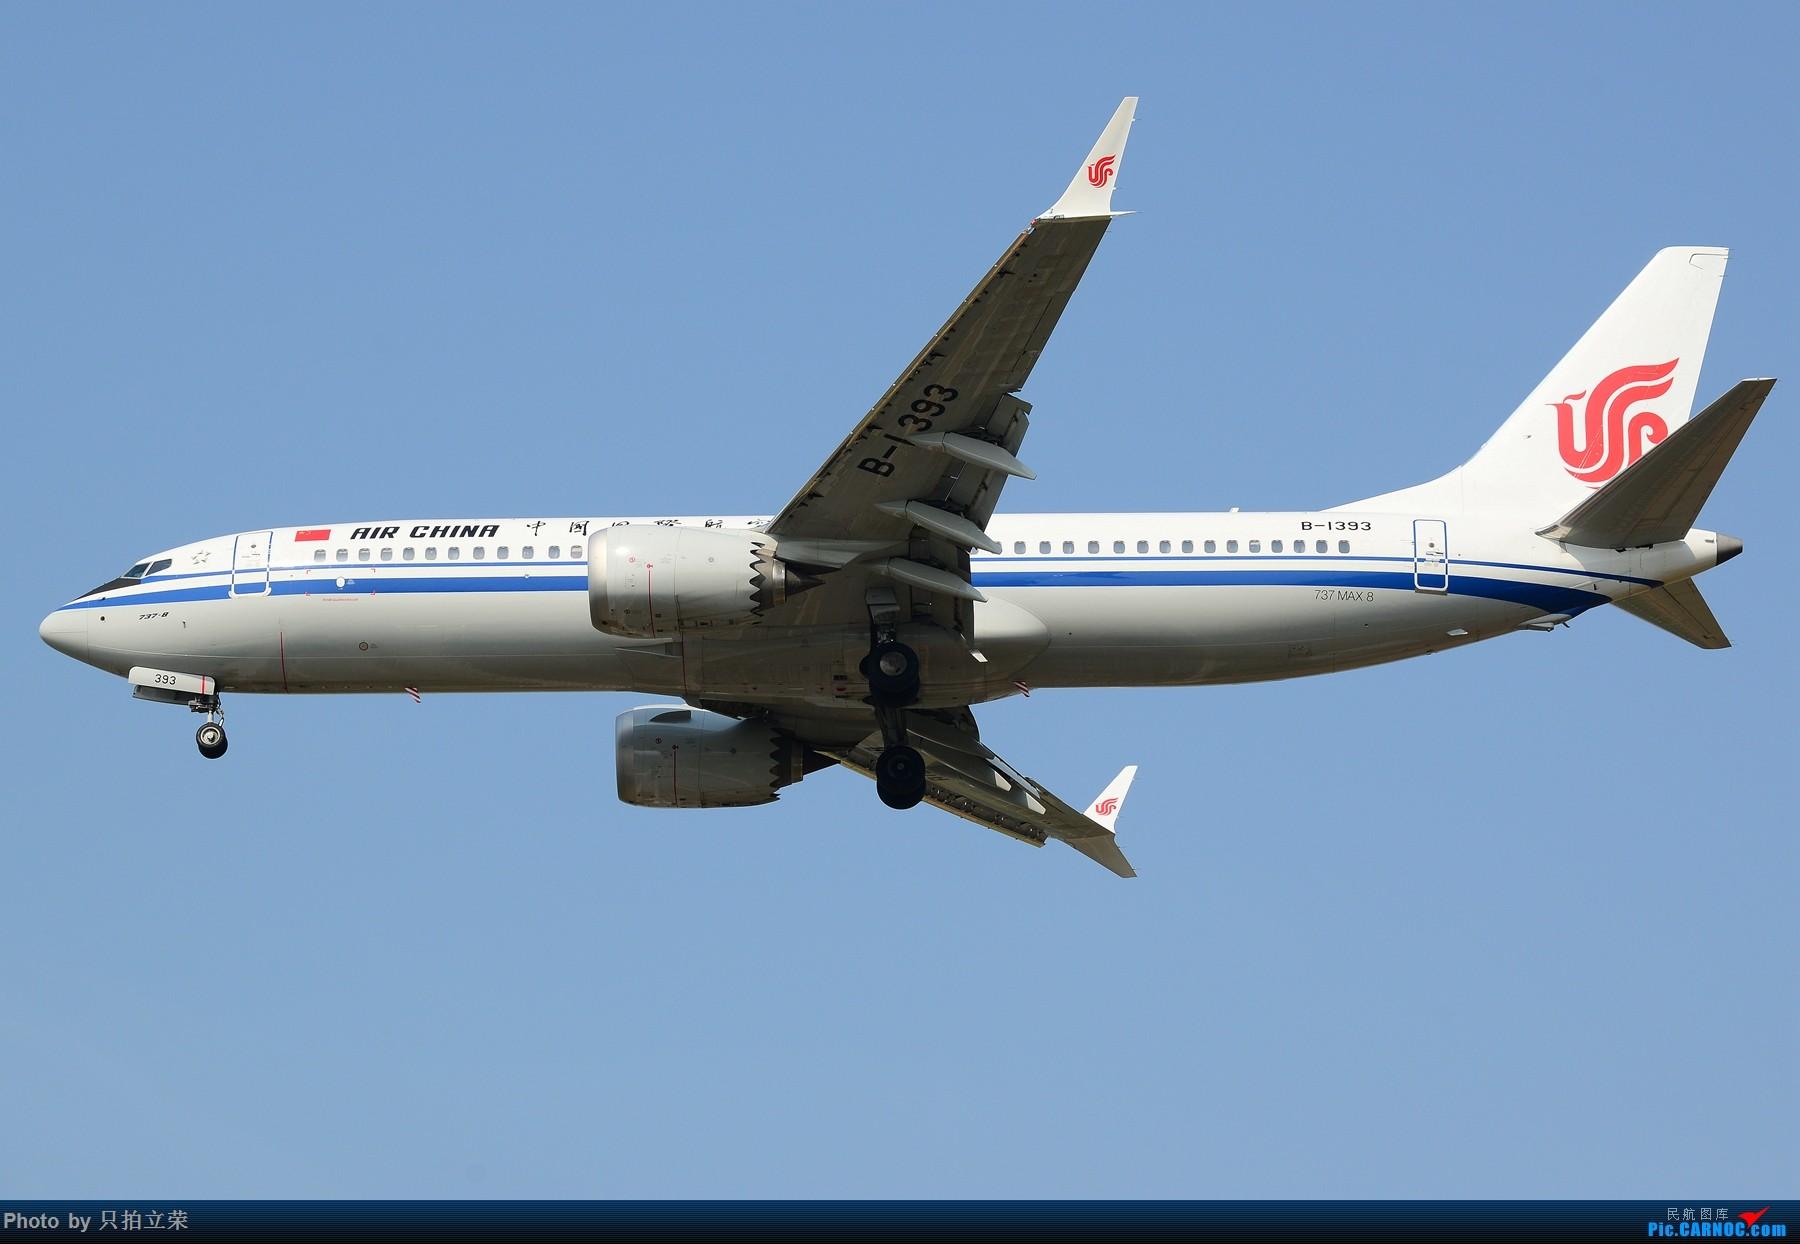 Re:[原创]湖南飞友会:黄花机场首拍飞行的青岛航空,另外好天气不可辜负多送几张好飞机 BOEING 737MAX-8 B-1393 中国长沙黄花国际机场